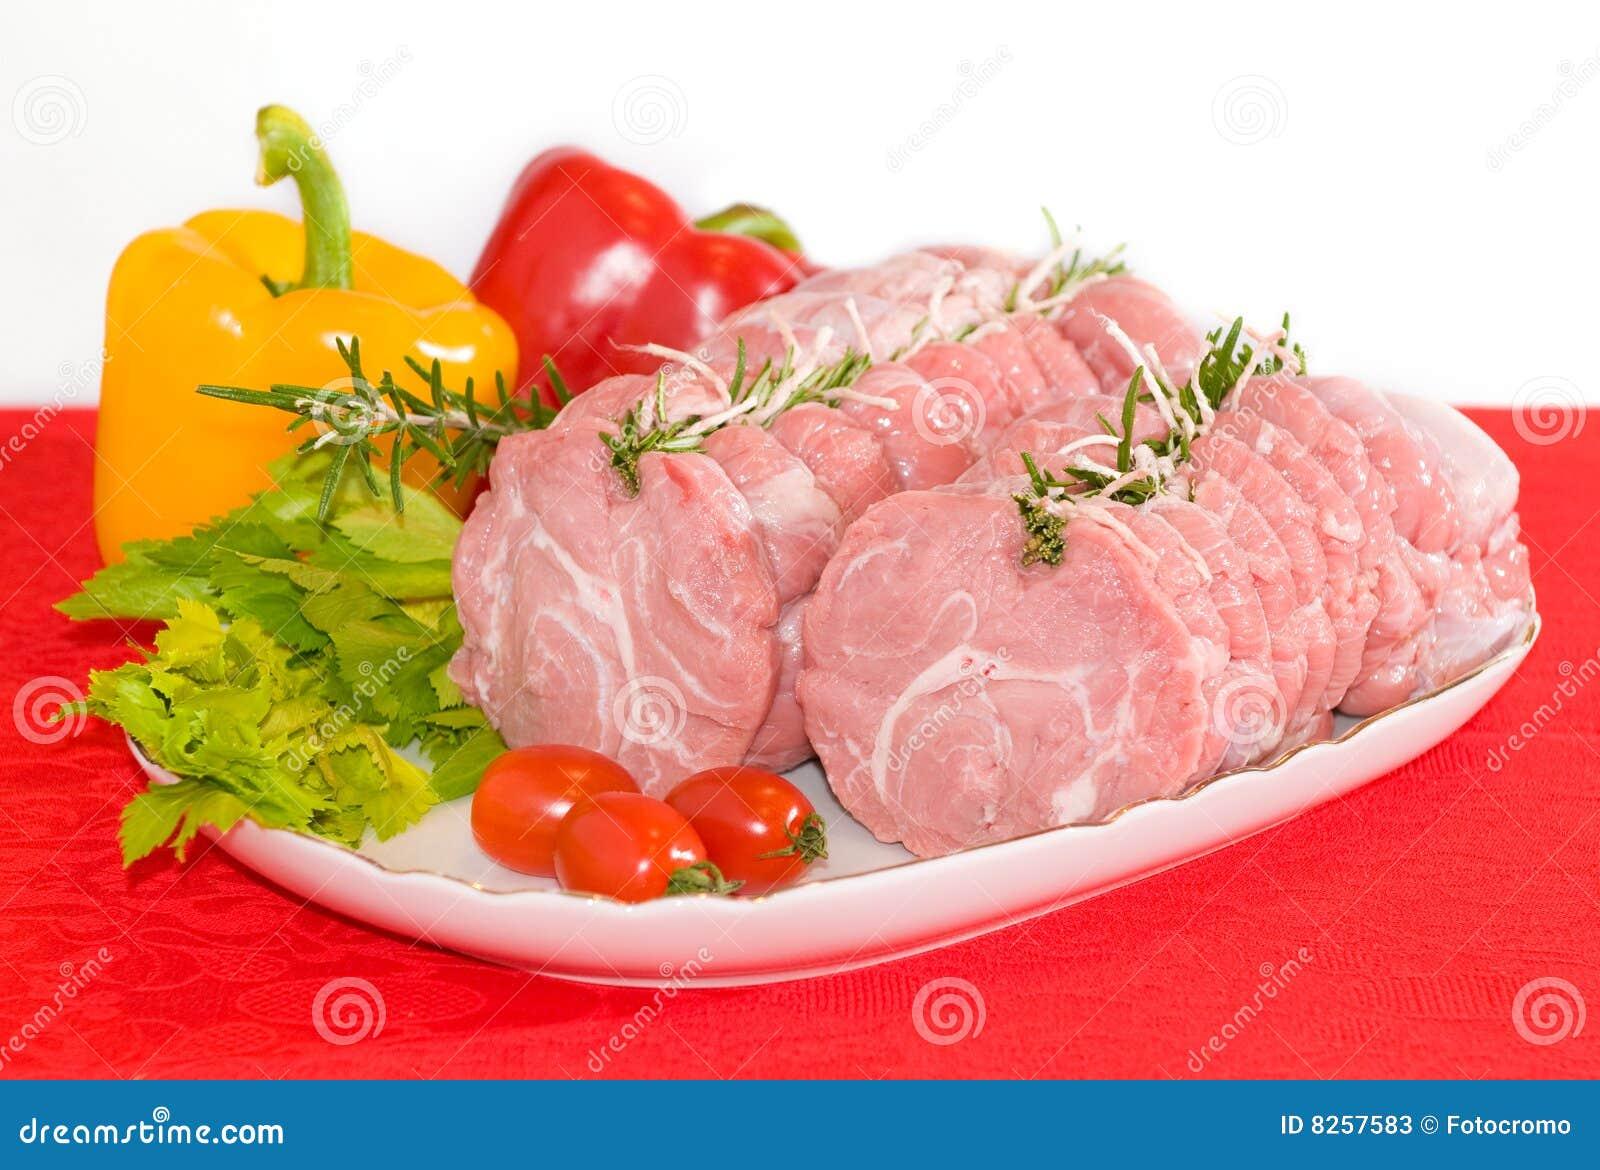 Pork or veal roll